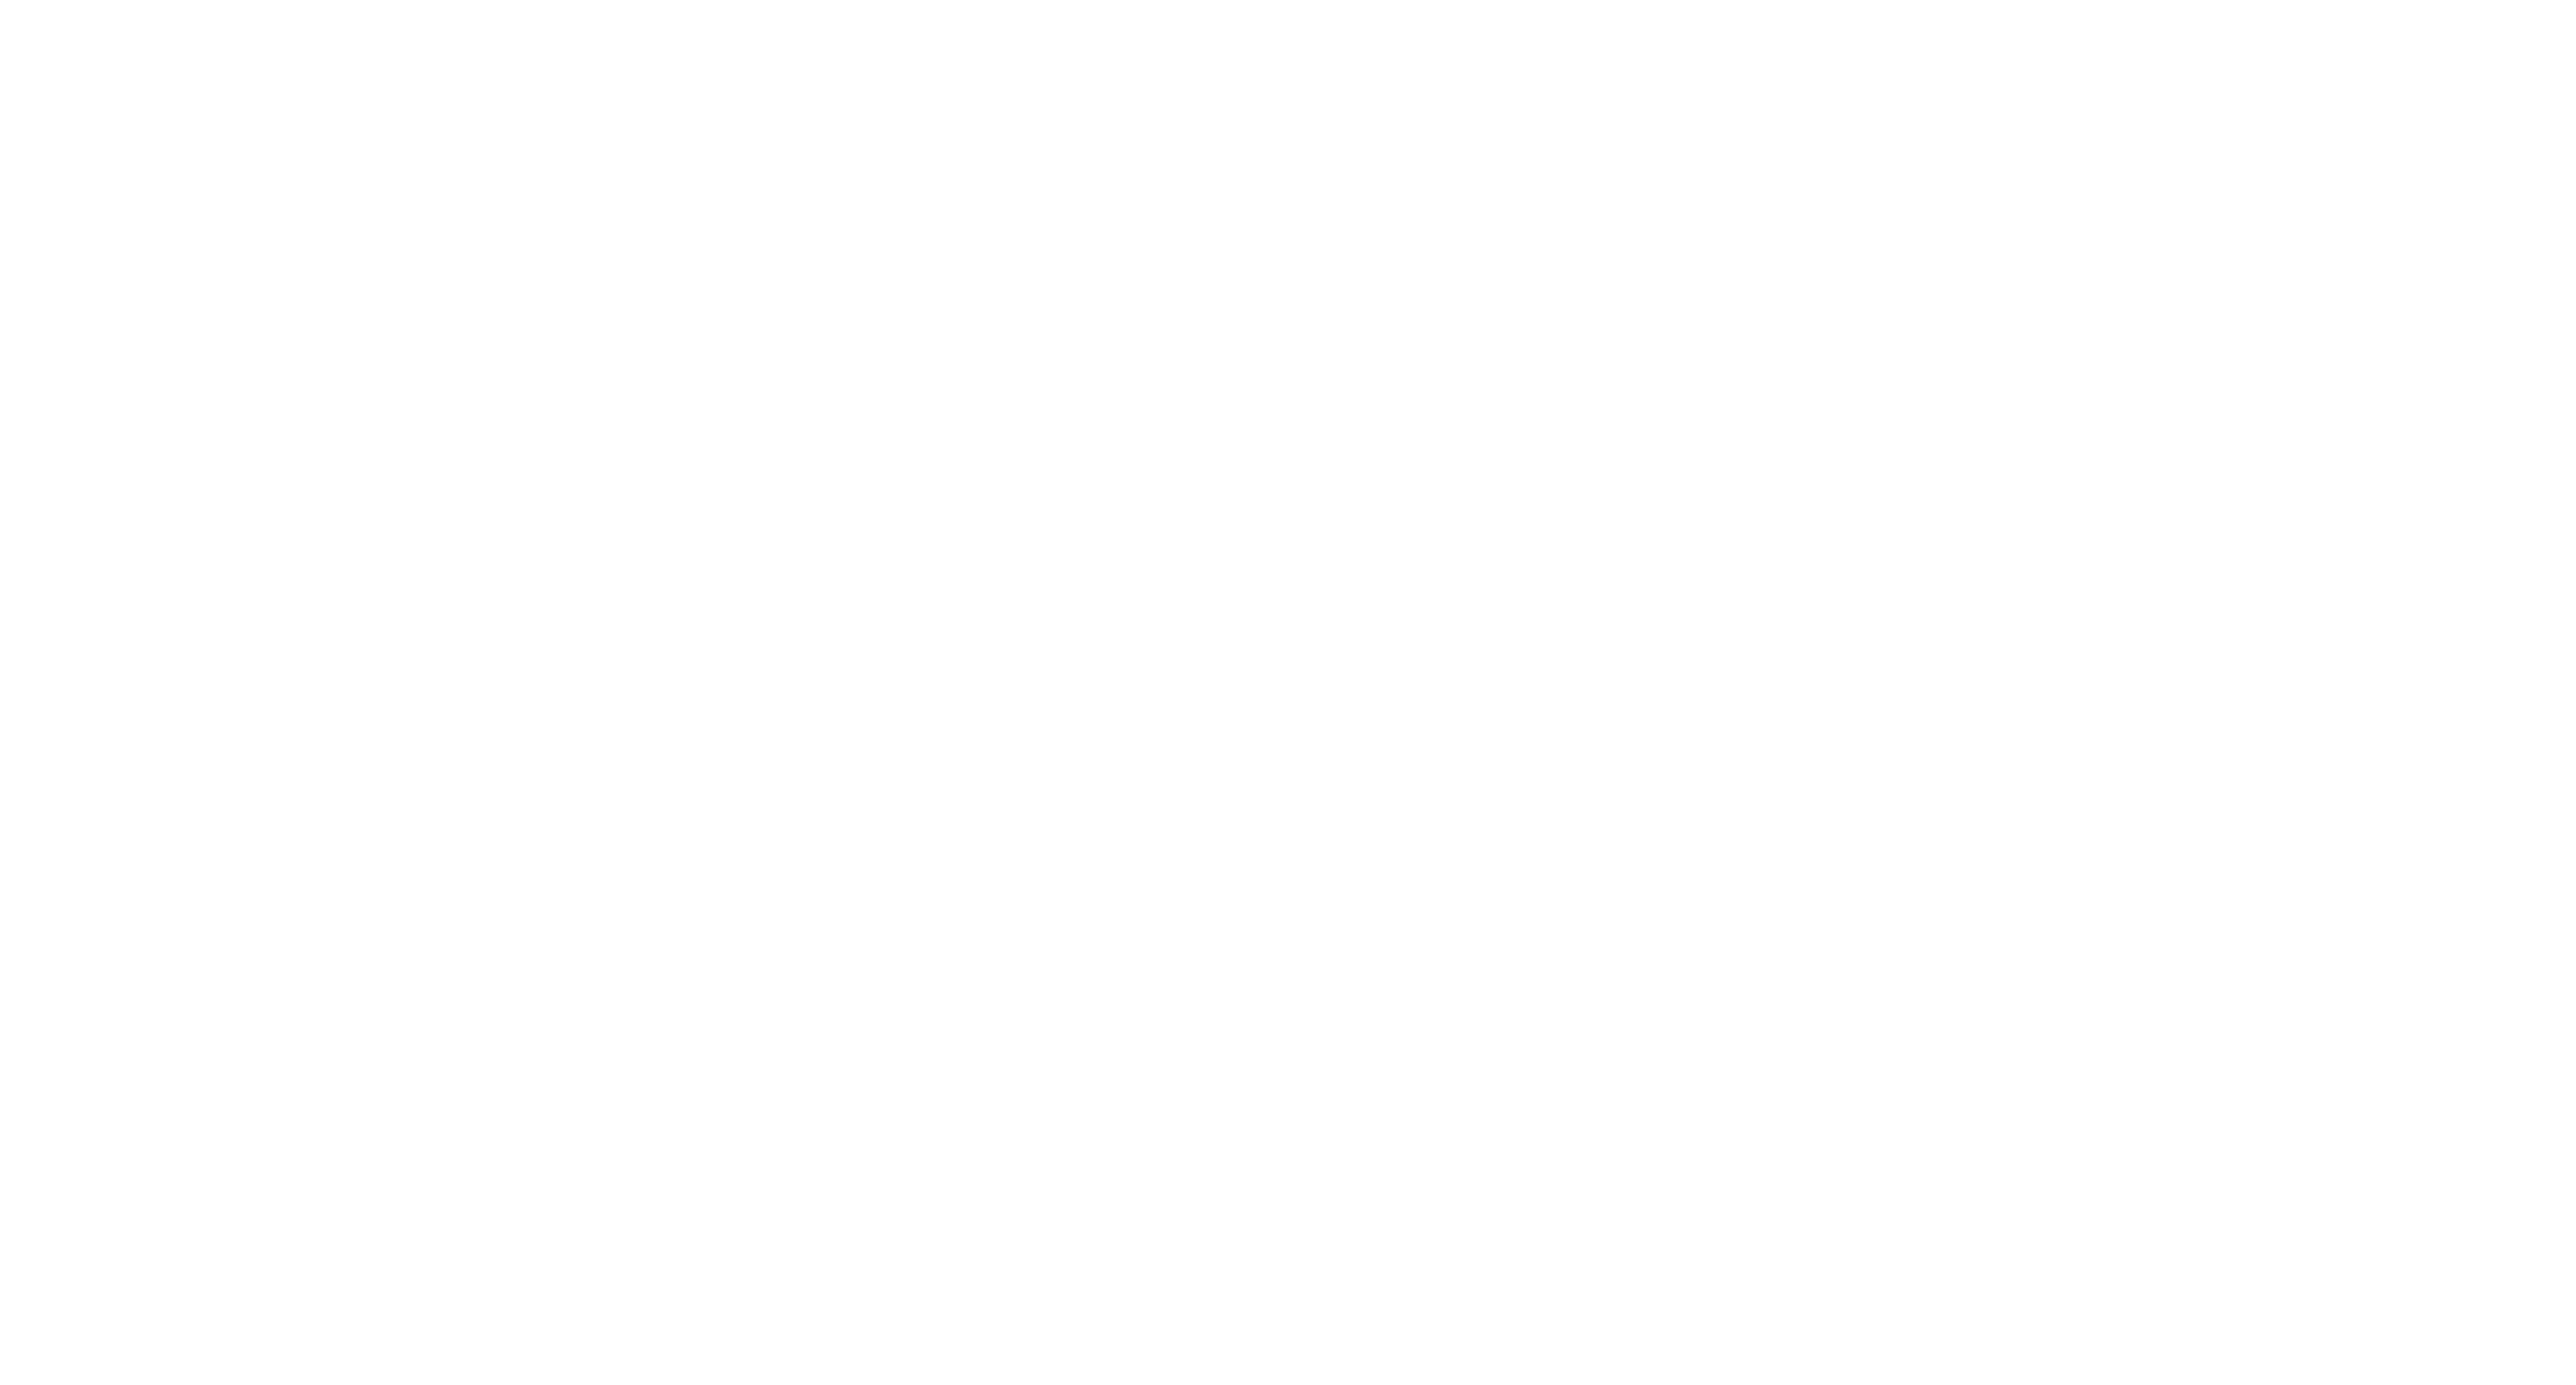 Responder Ventures